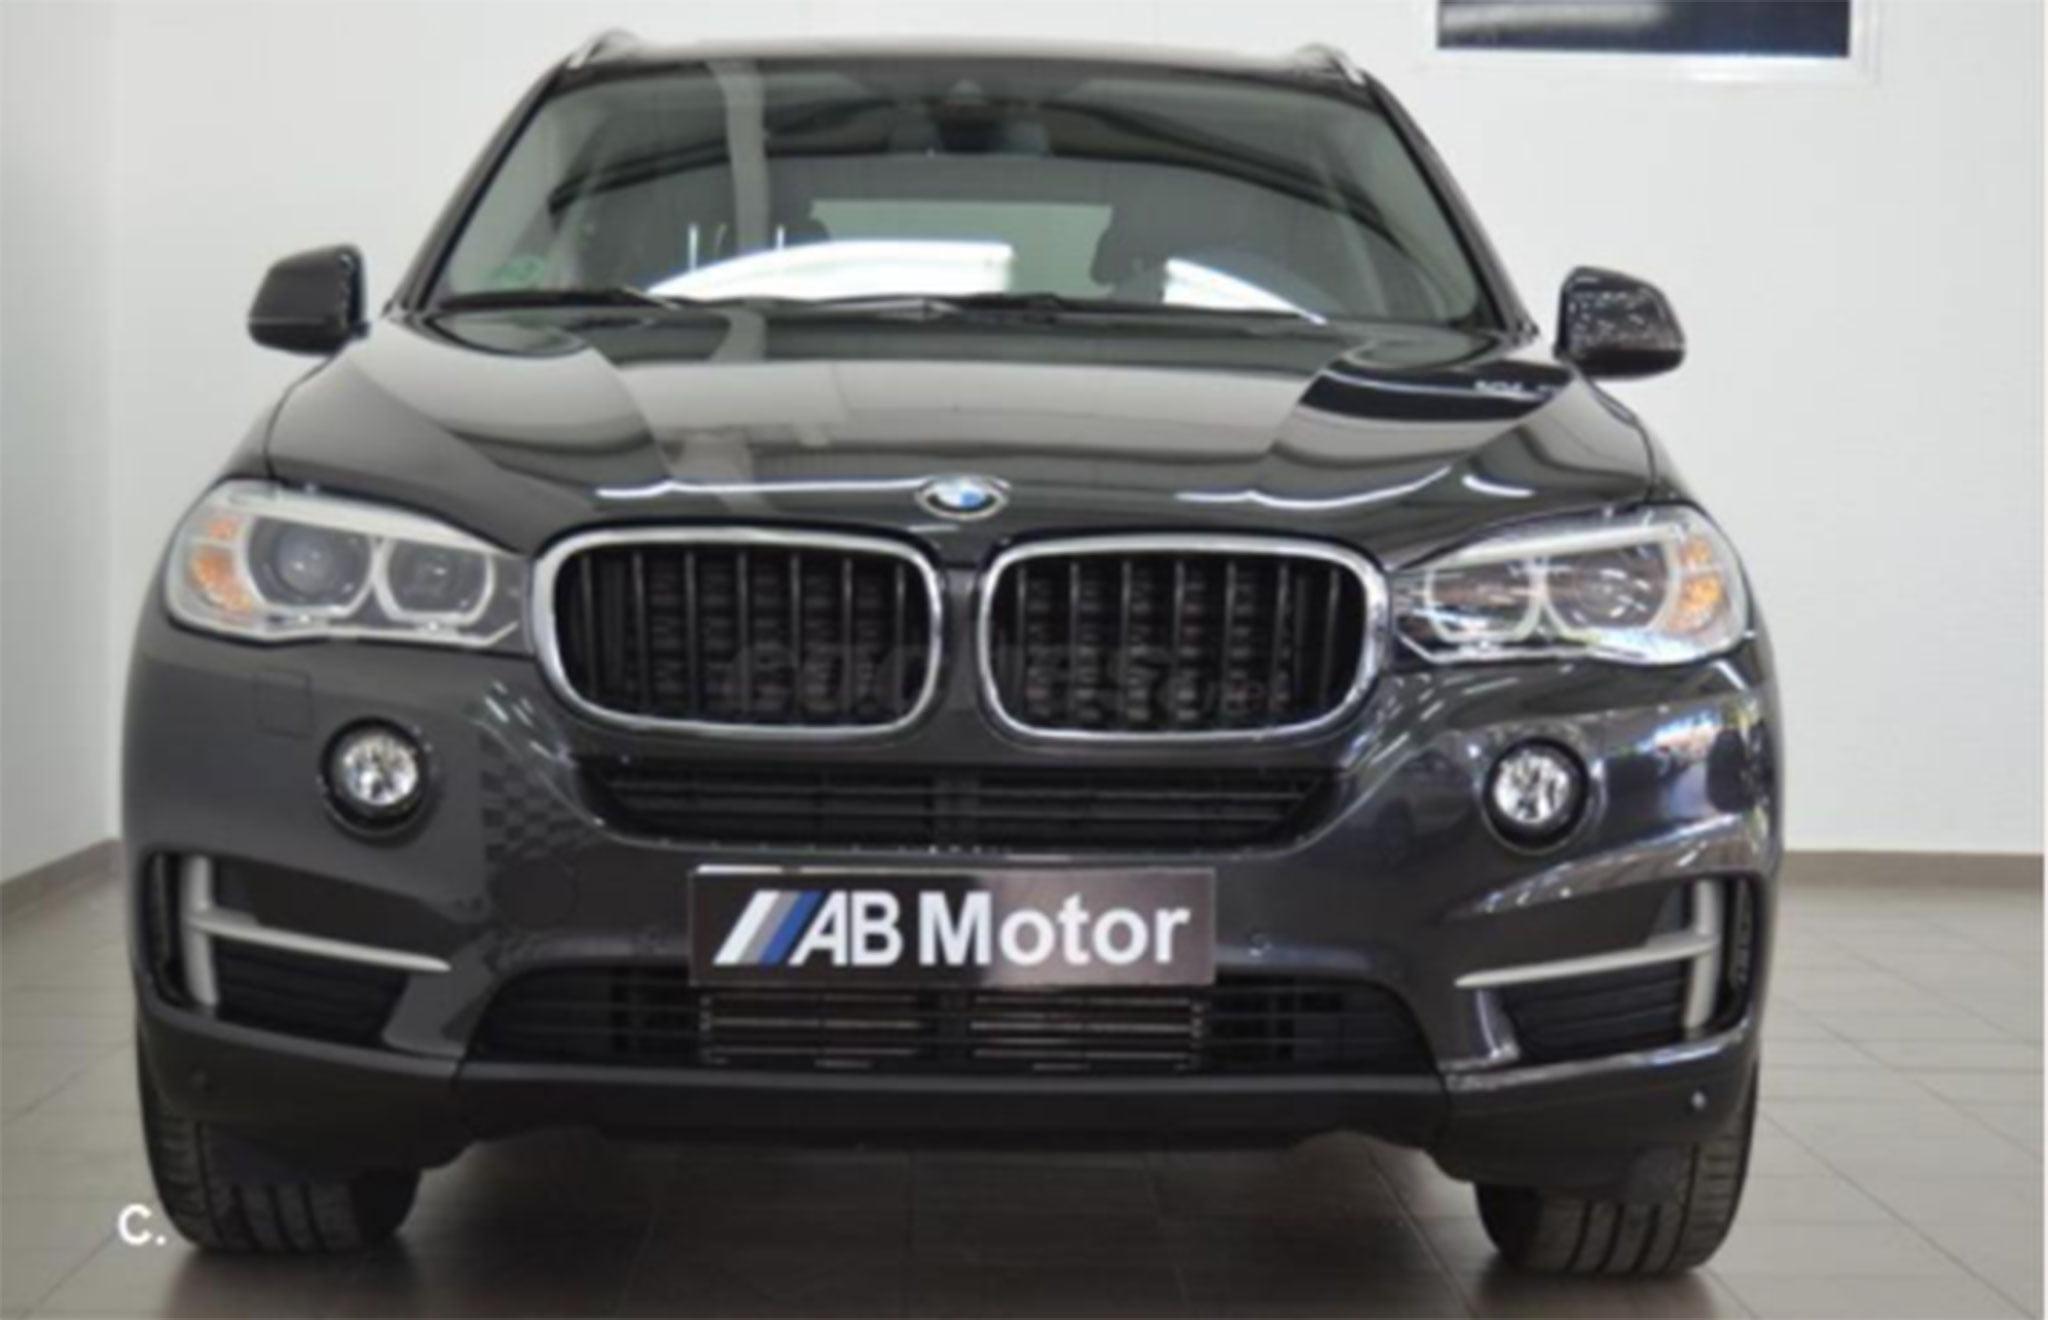 BMW X5 – AB Motor